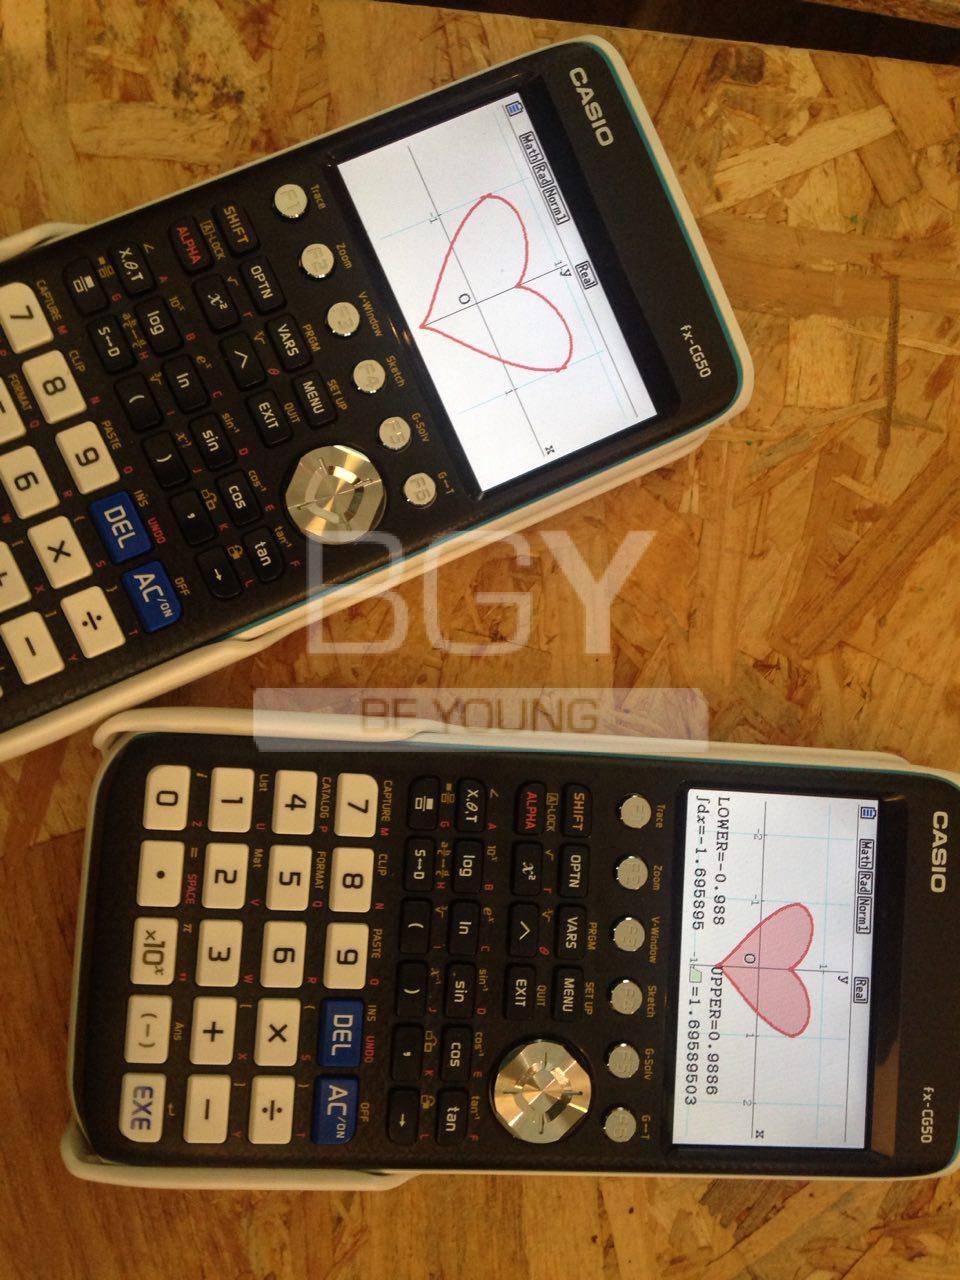 einaudi calcolatrice grafica